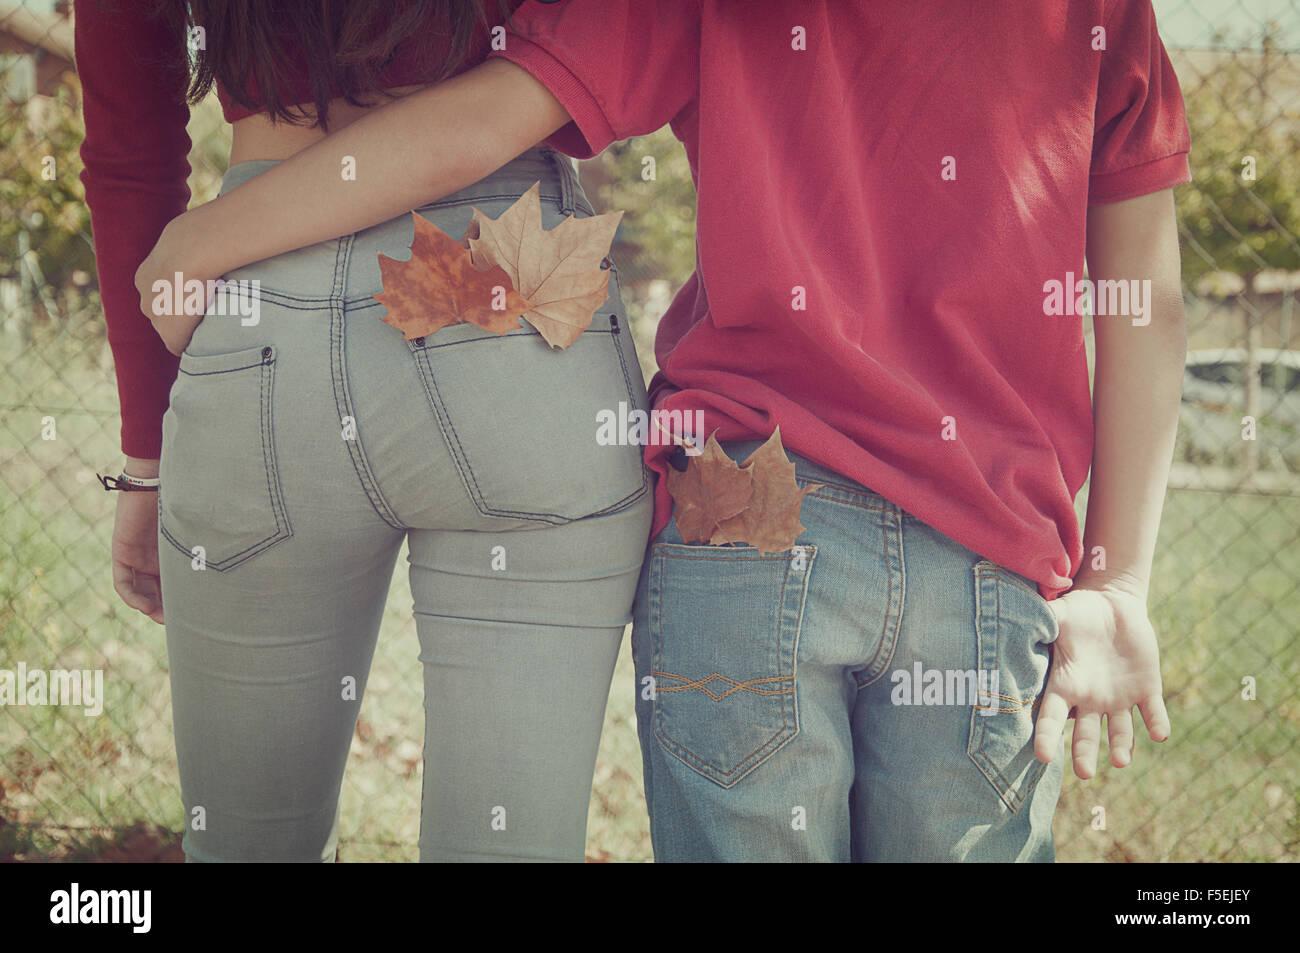 Vue arrière d'un couple en train de marcher avec leurs bras autour de l'autre Photo Stock